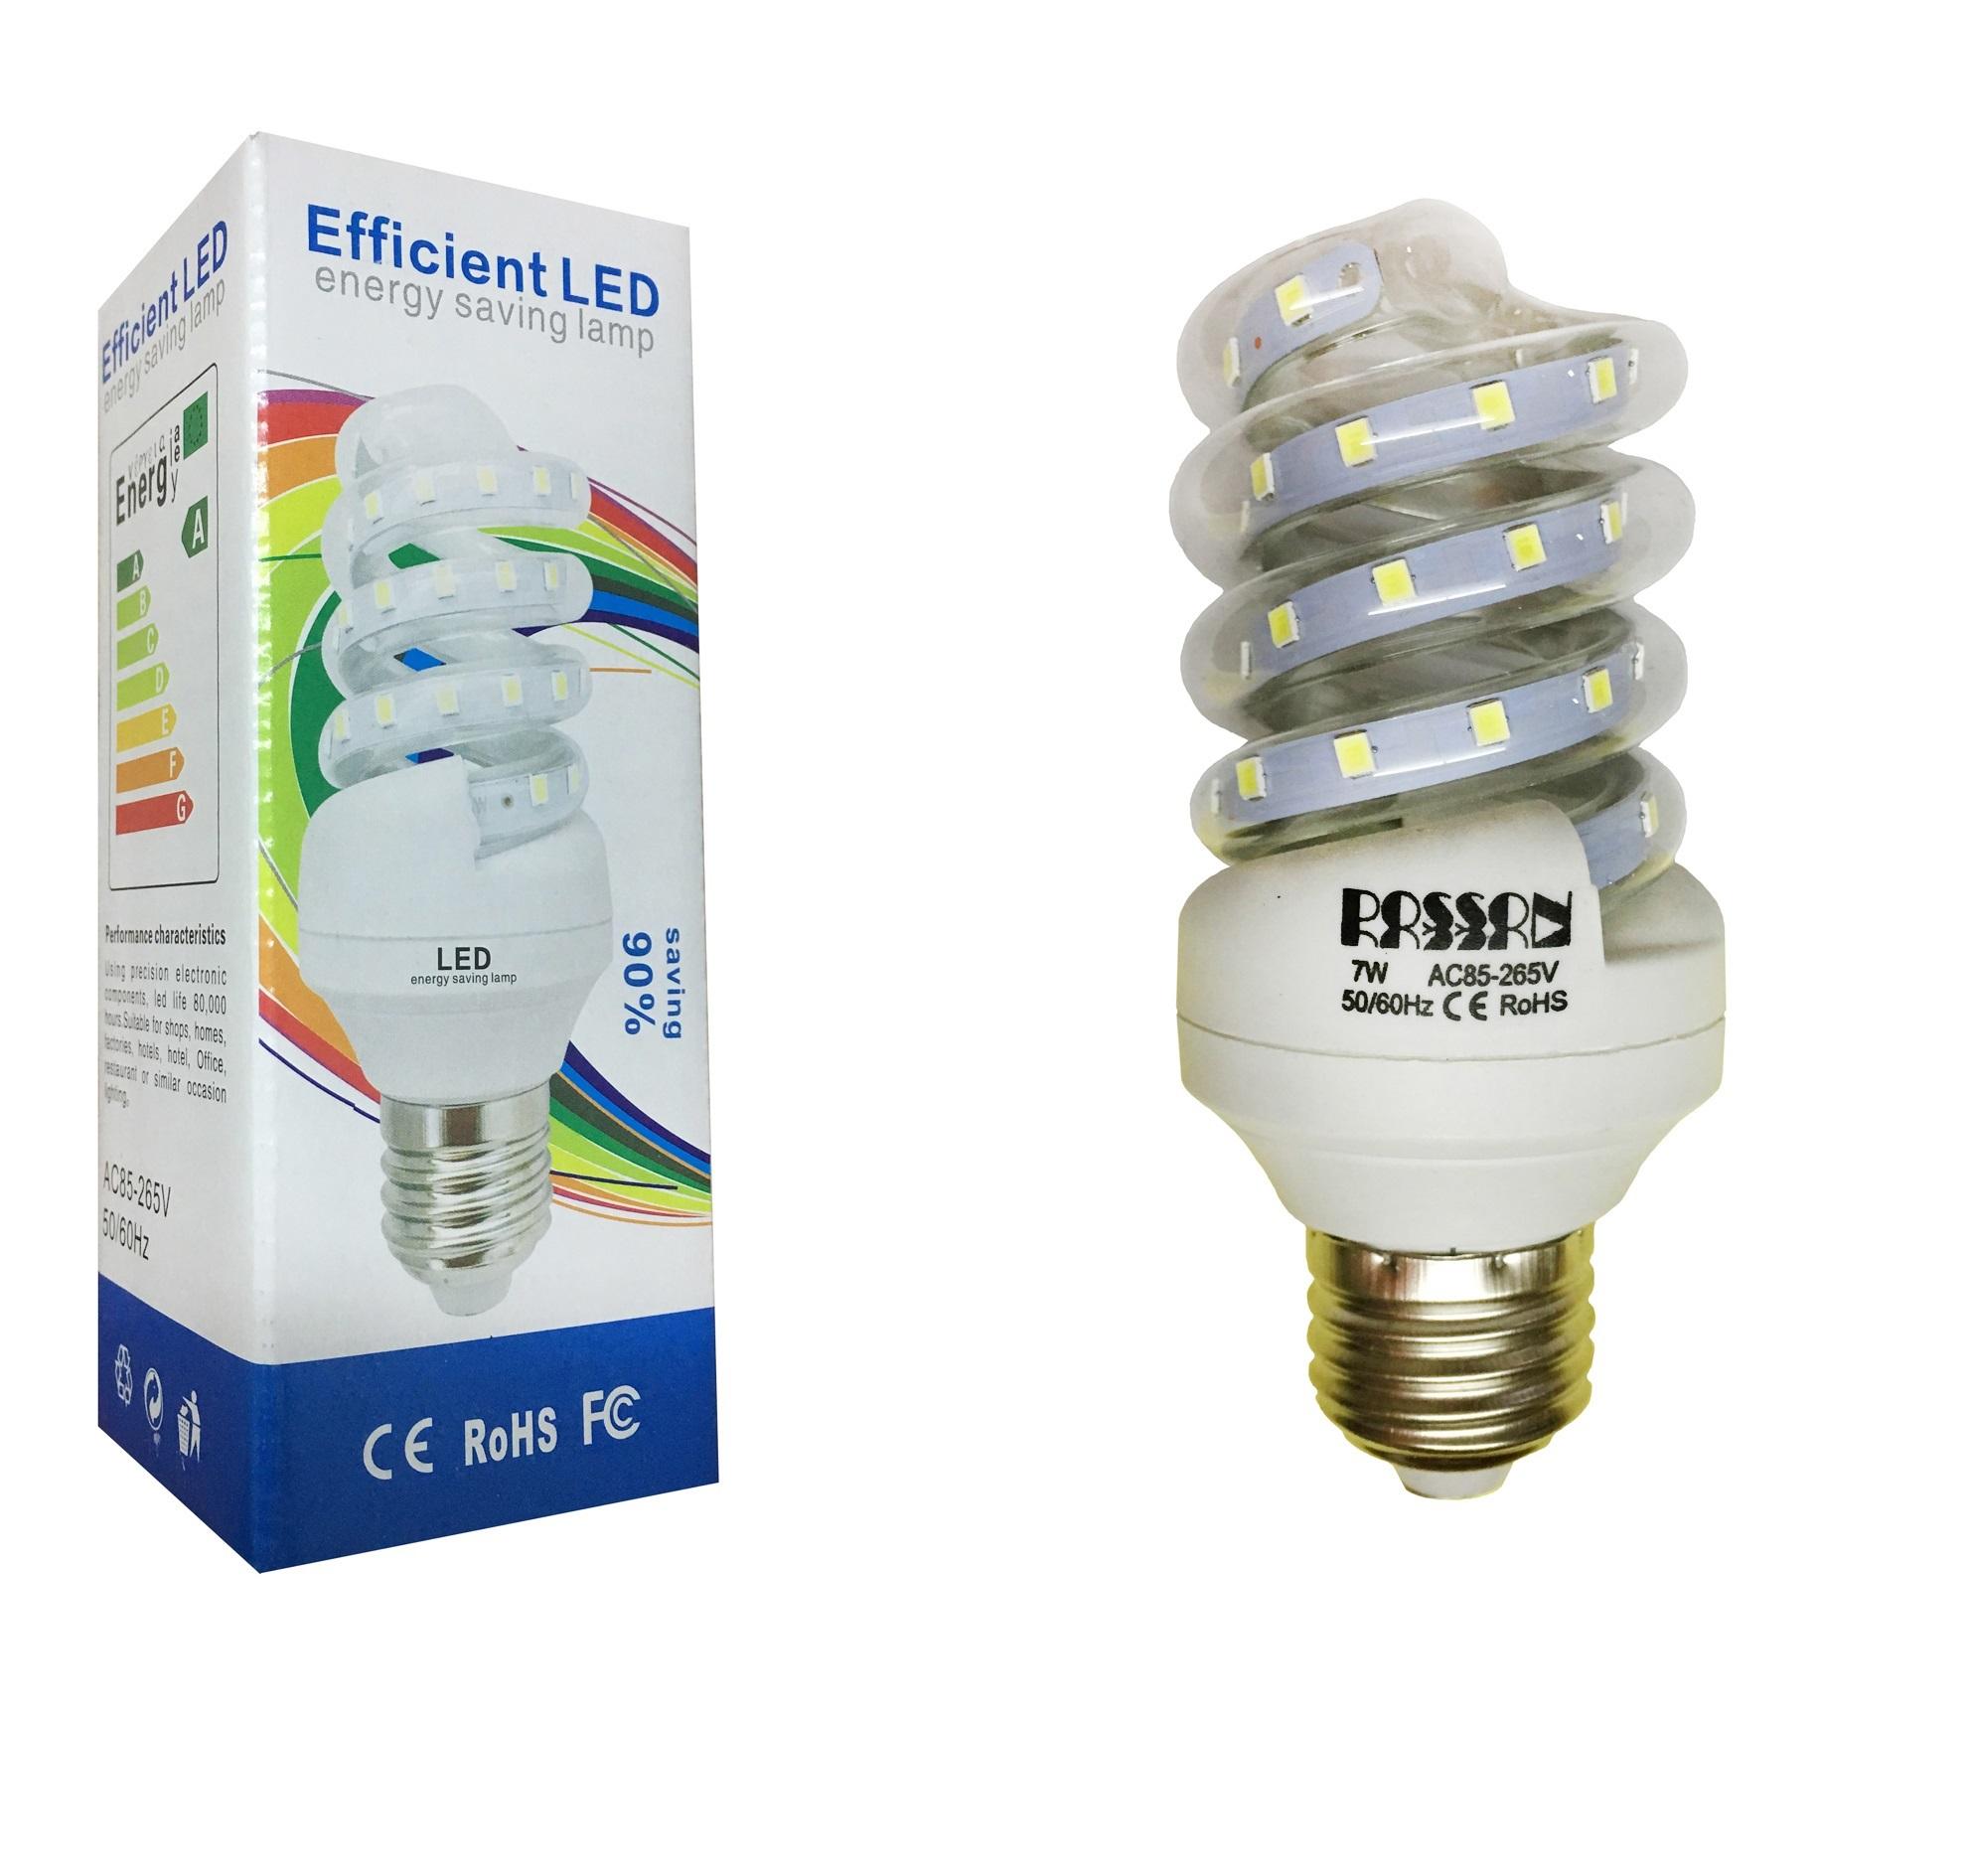 Bóng đèn Led 7W U xoắn tiết kiệm điện kiểu compact sáng trắng LS-S7 - 928490 , 9316453522589 , 62_1973537 , 36400 , Bong-den-Led-7W-U-xoan-tiet-kiem-dien-kieu-compact-sang-trang-LS-S7-62_1973537 , tiki.vn , Bóng đèn Led 7W U xoắn tiết kiệm điện kiểu compact sáng trắng LS-S7